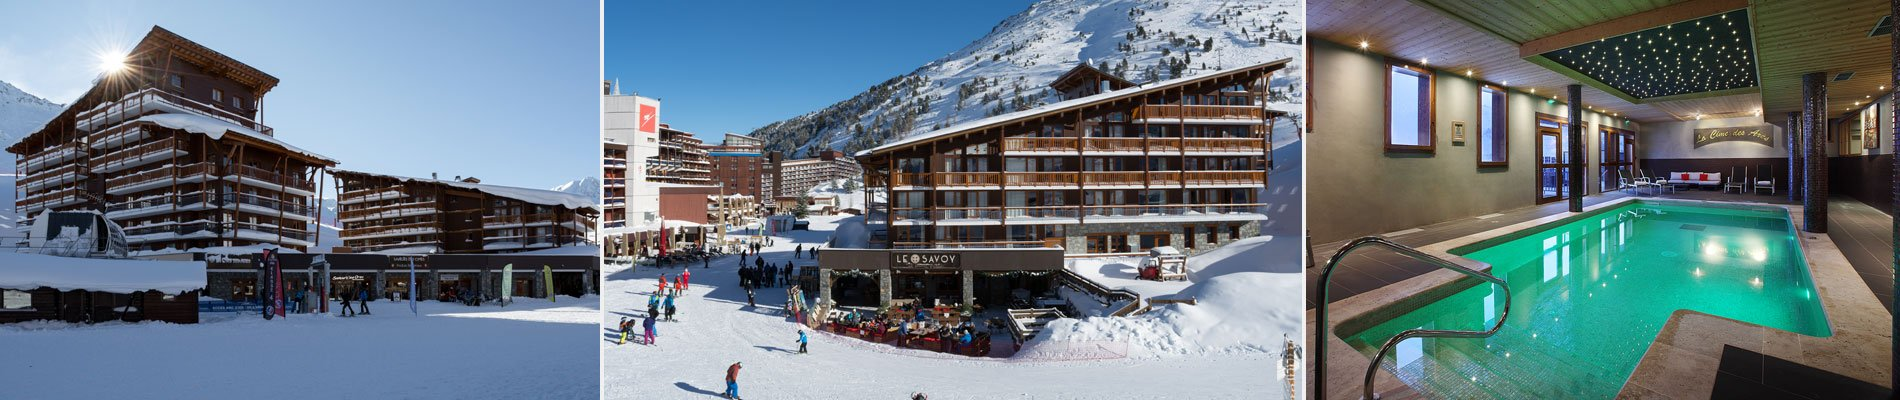 chalet-des-neiges-cime-des-arcs-arc-2000-paradiski